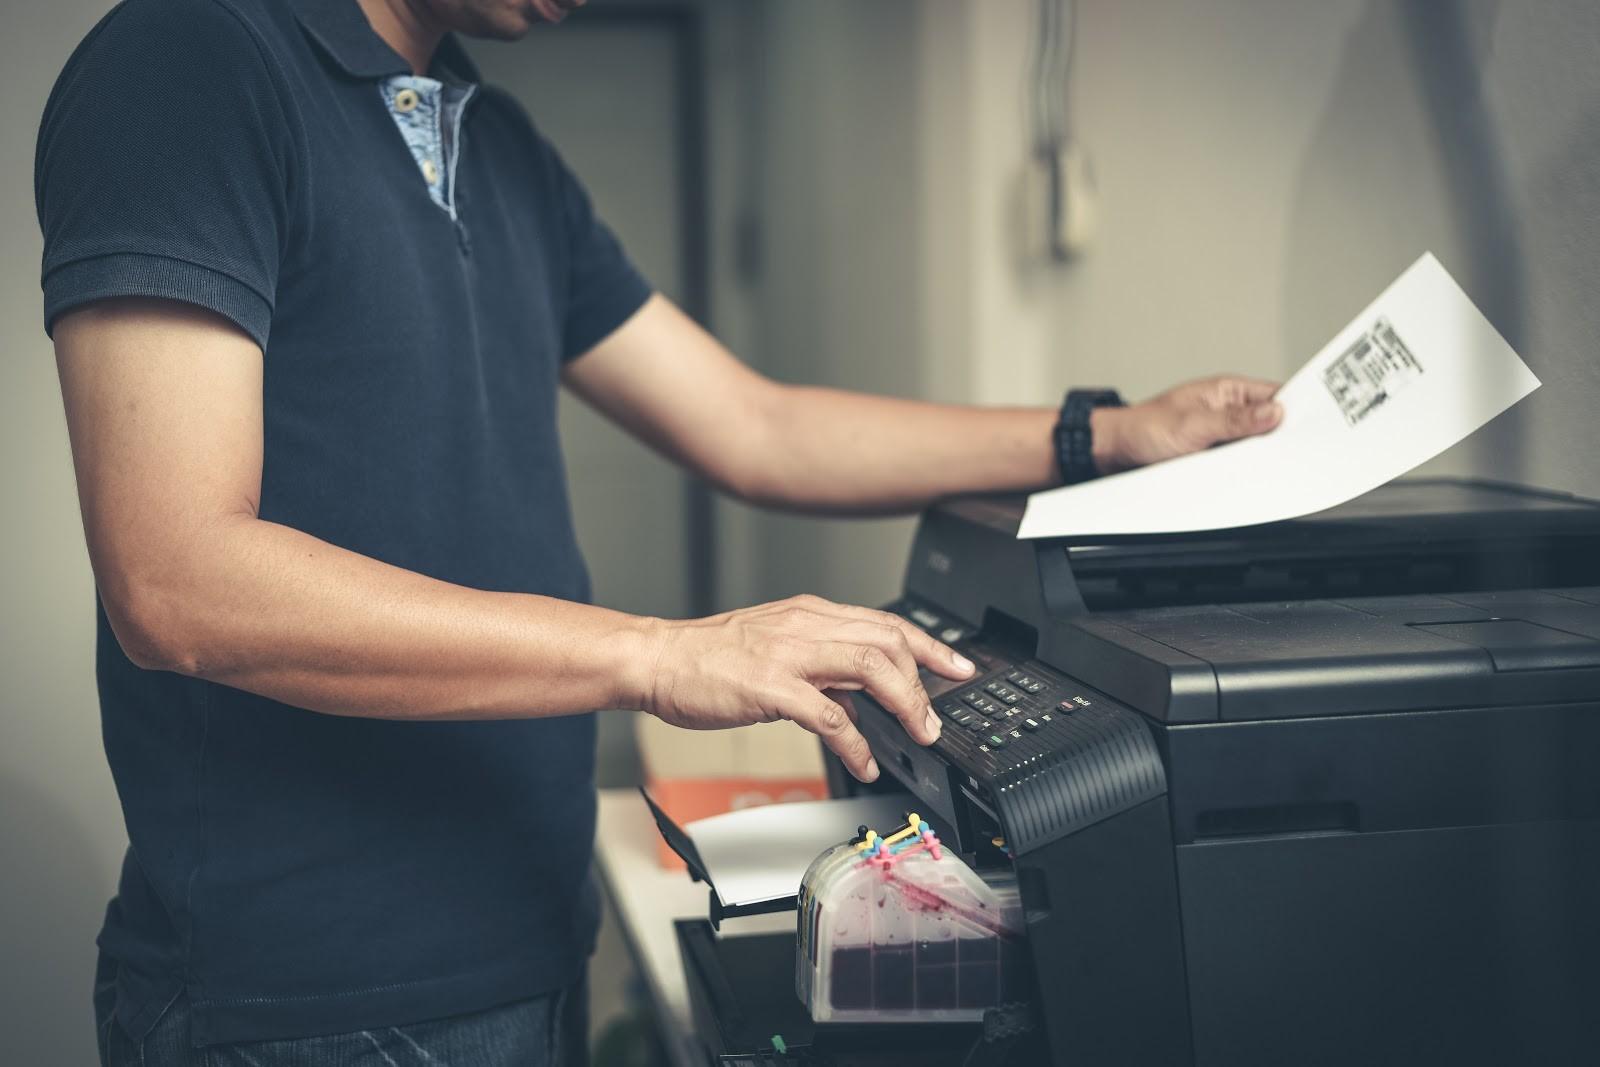 Imprimanta duplex – Ce inseamna si care sunt beneficiile sale?